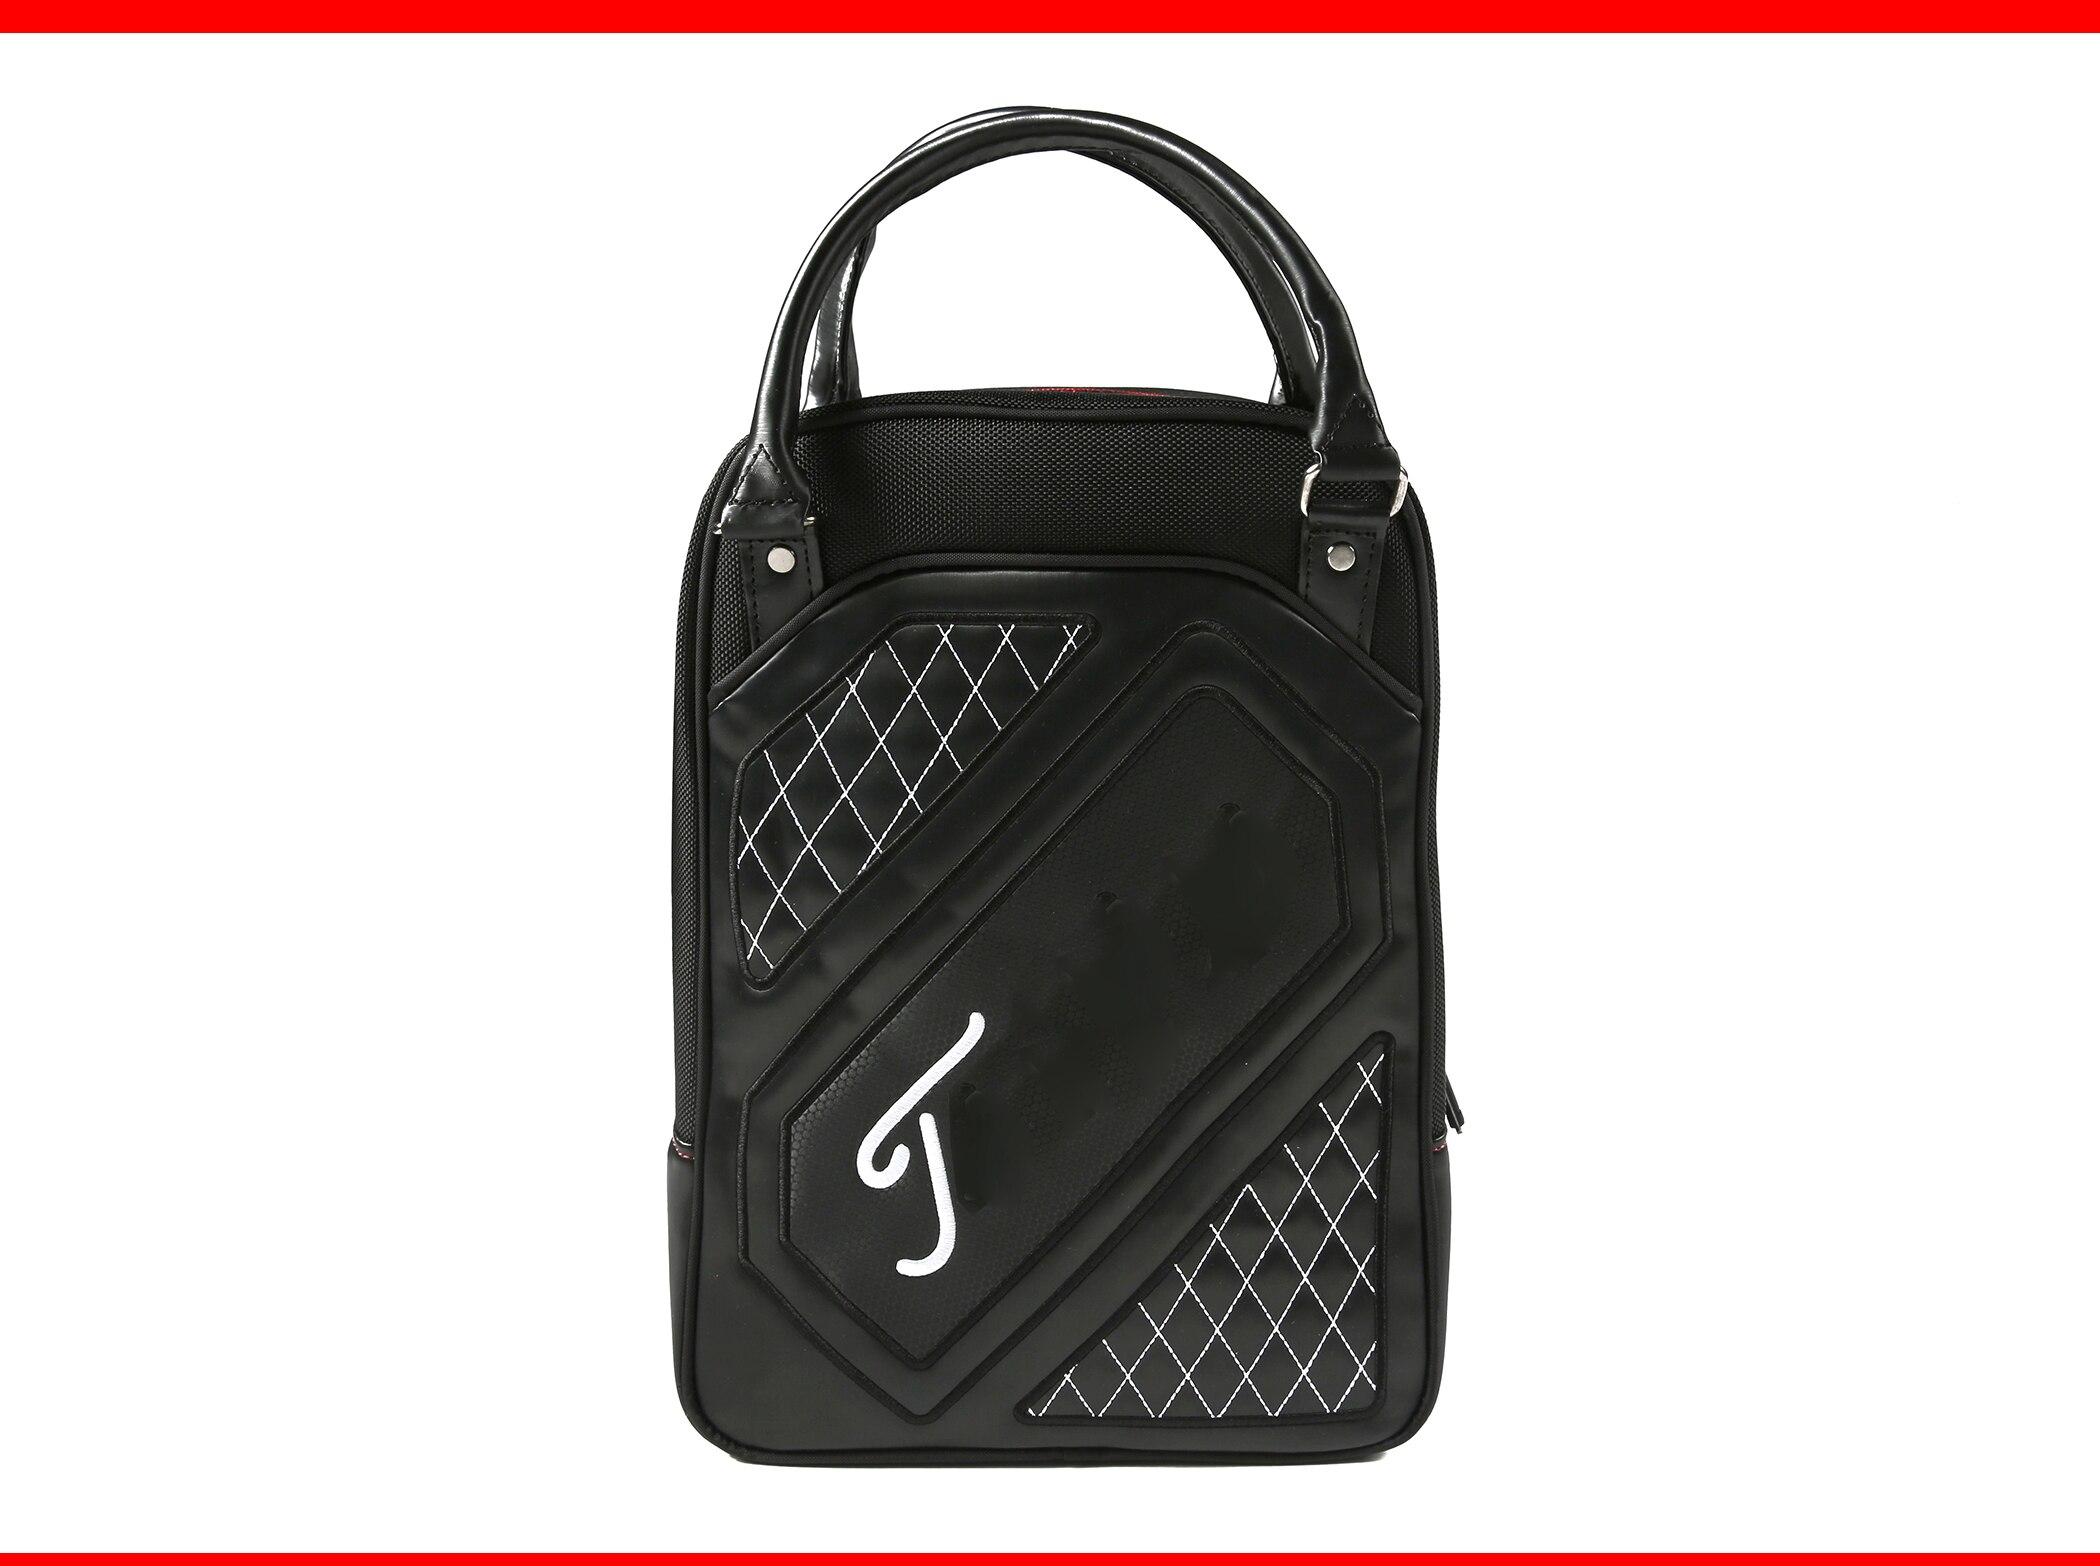 Новая сумка для обуви для гольфа, прочная вместительная сумка для обуви, тренировочная сумка для гольфа, многофункциональная сумка для голь...